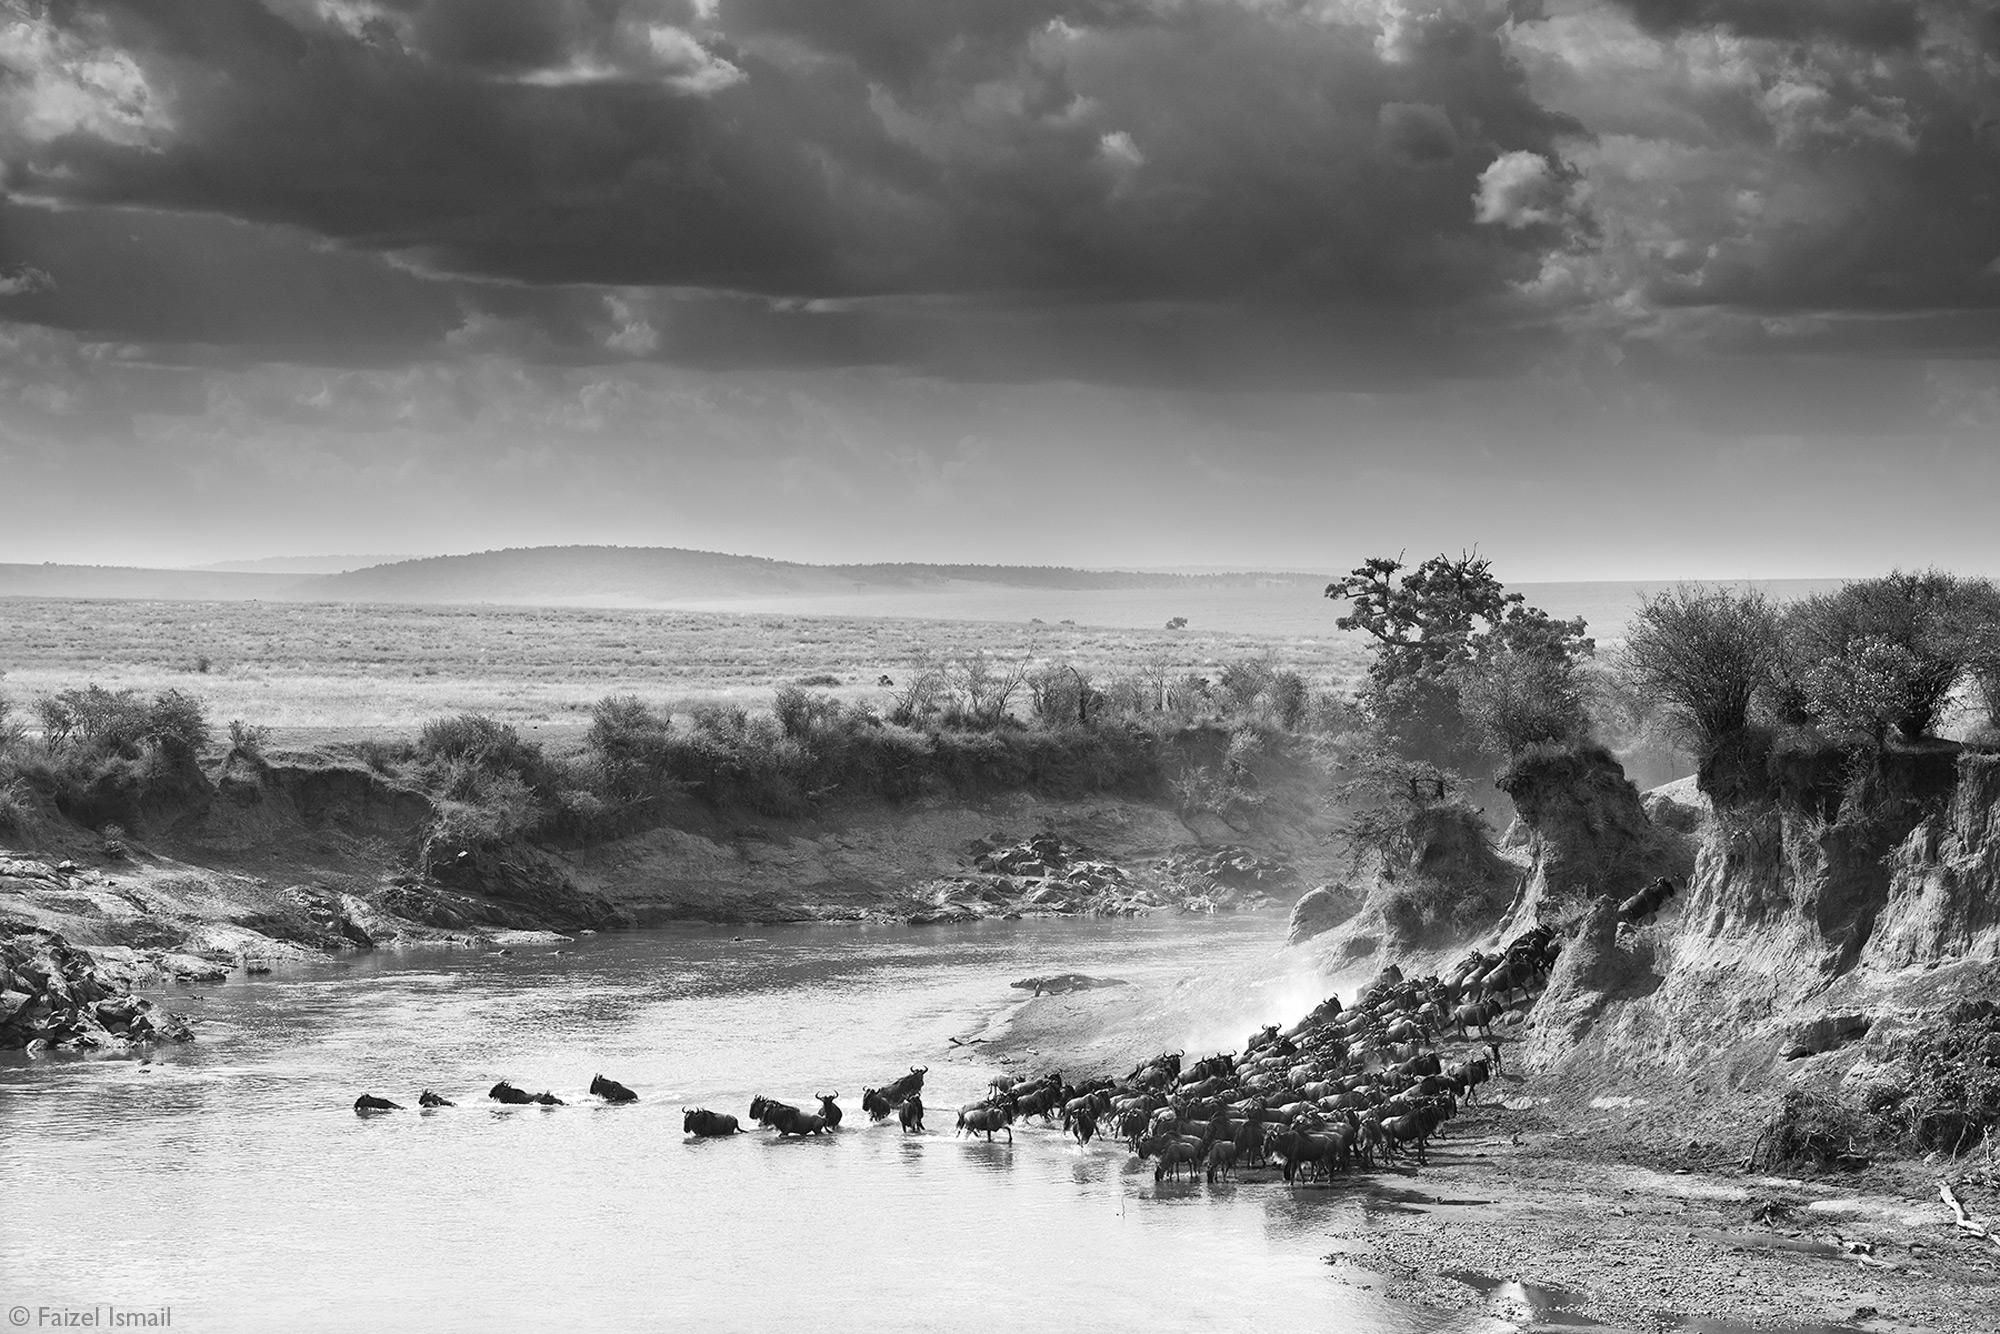 Wildebeest crossing the Mara River in Kenya